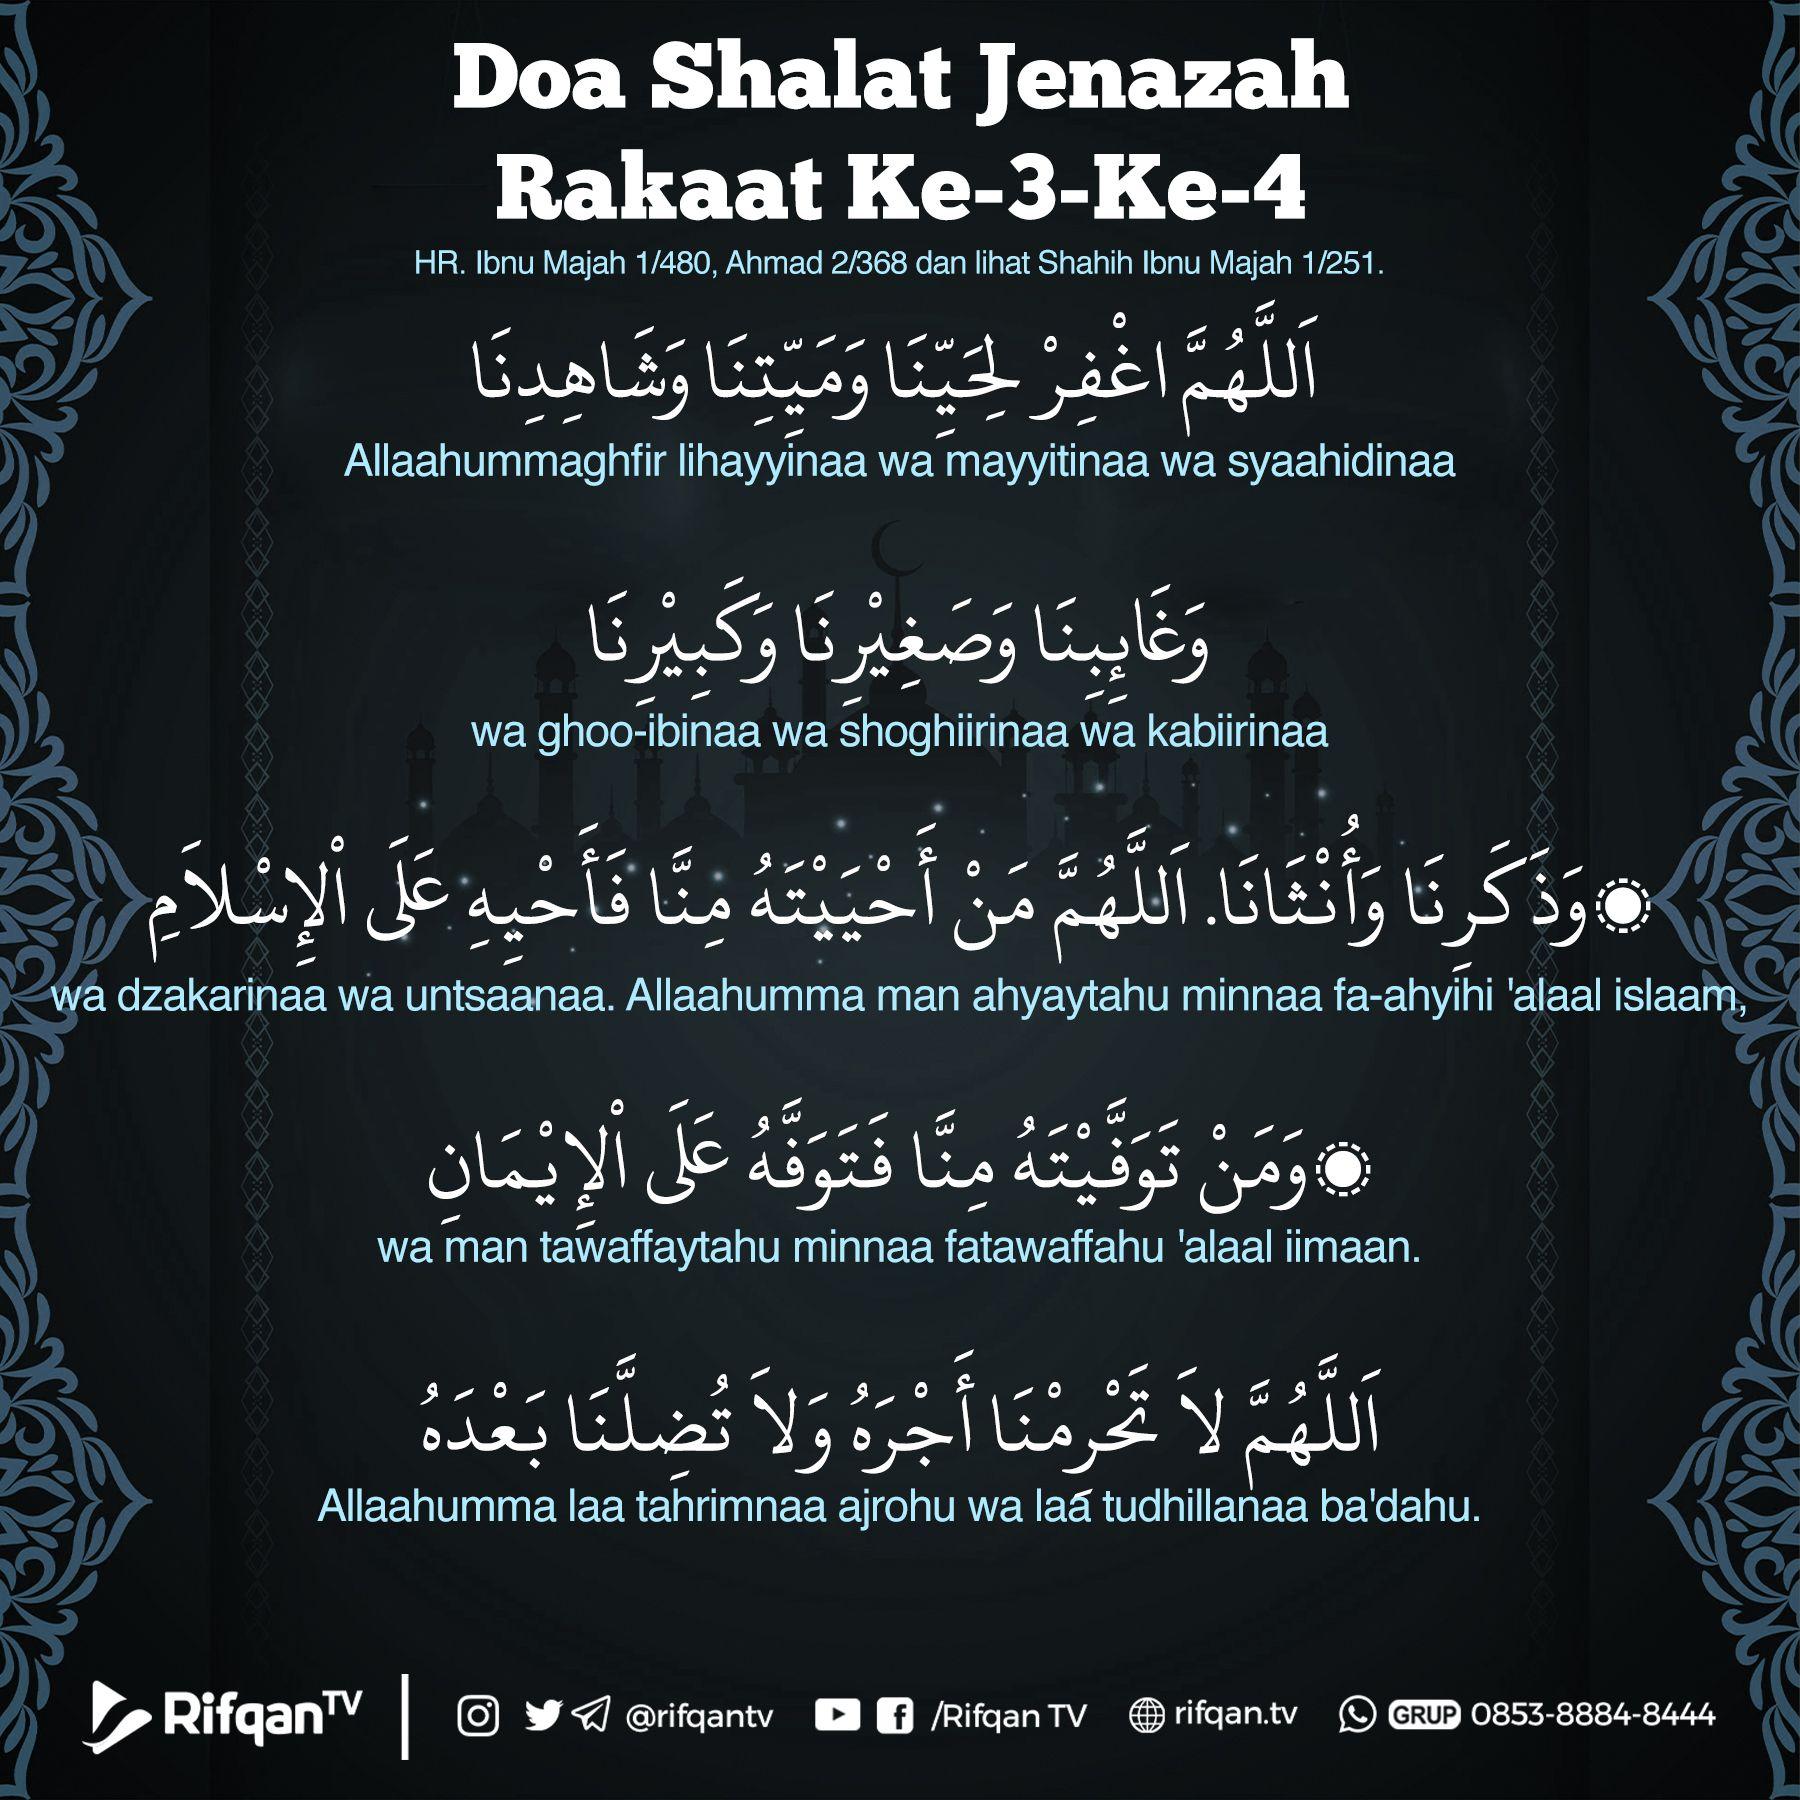 Doa Shalat Jenazah